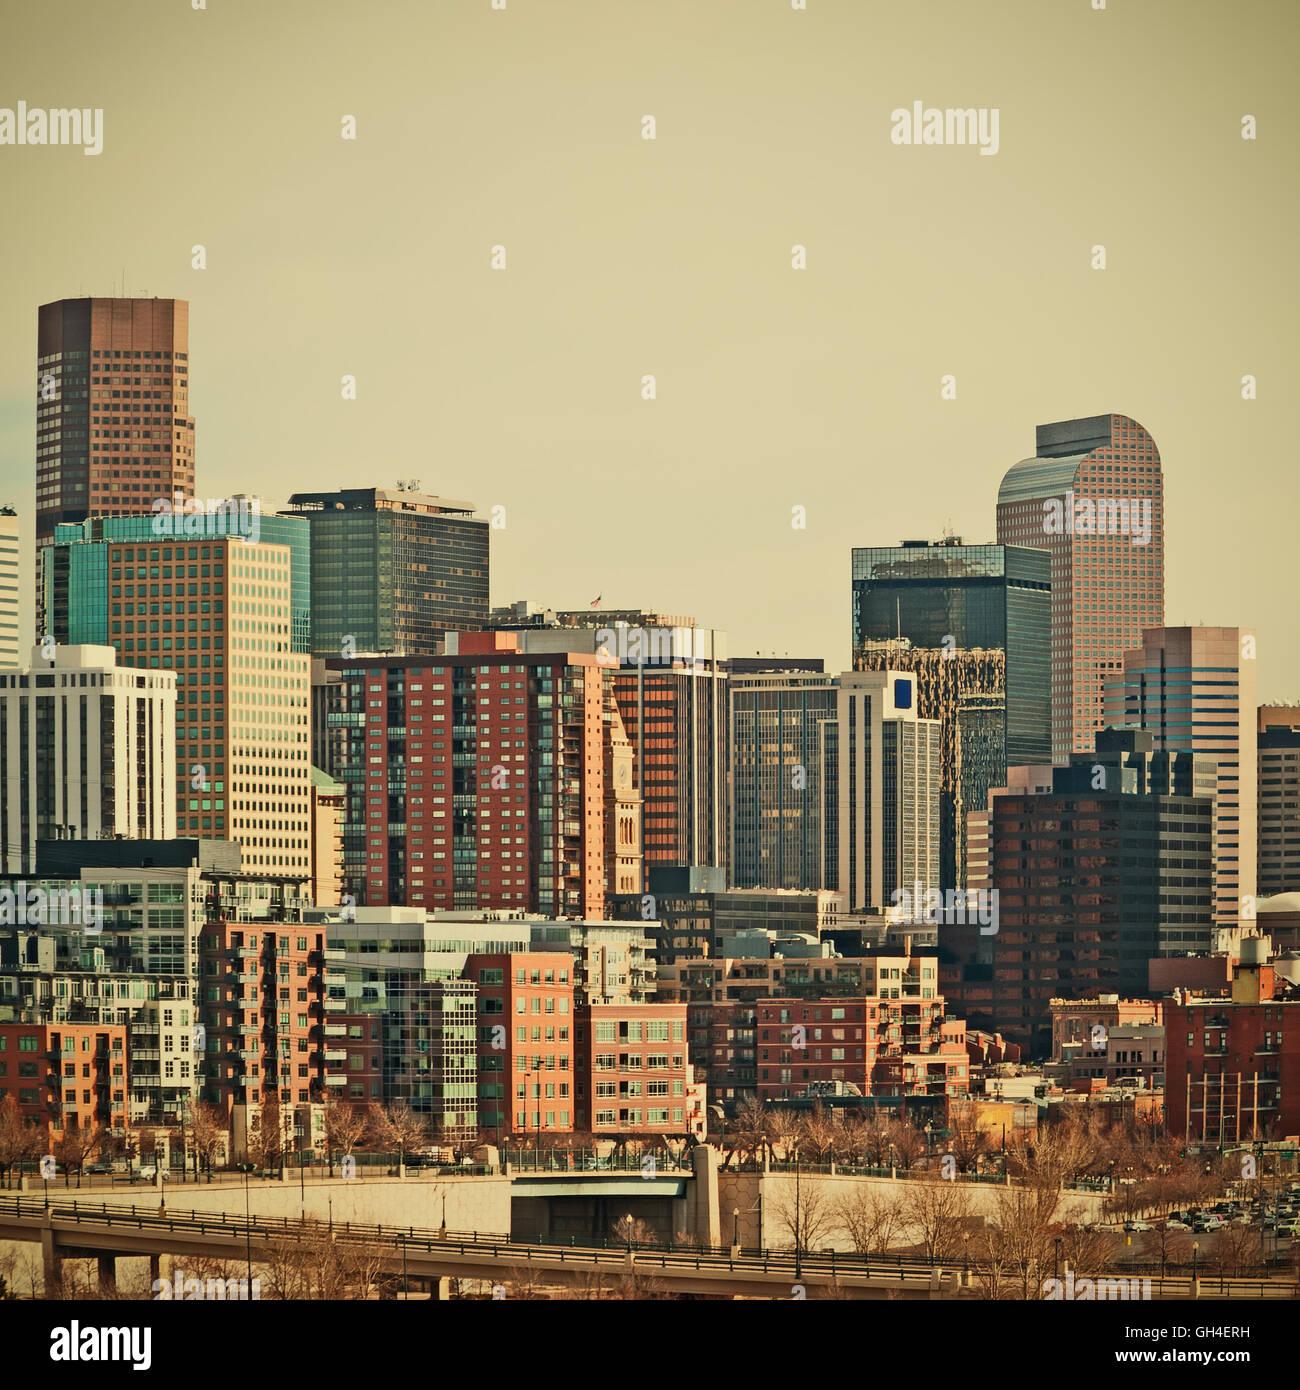 Denver Downtown Stock Photos & Denver Downtown Stock